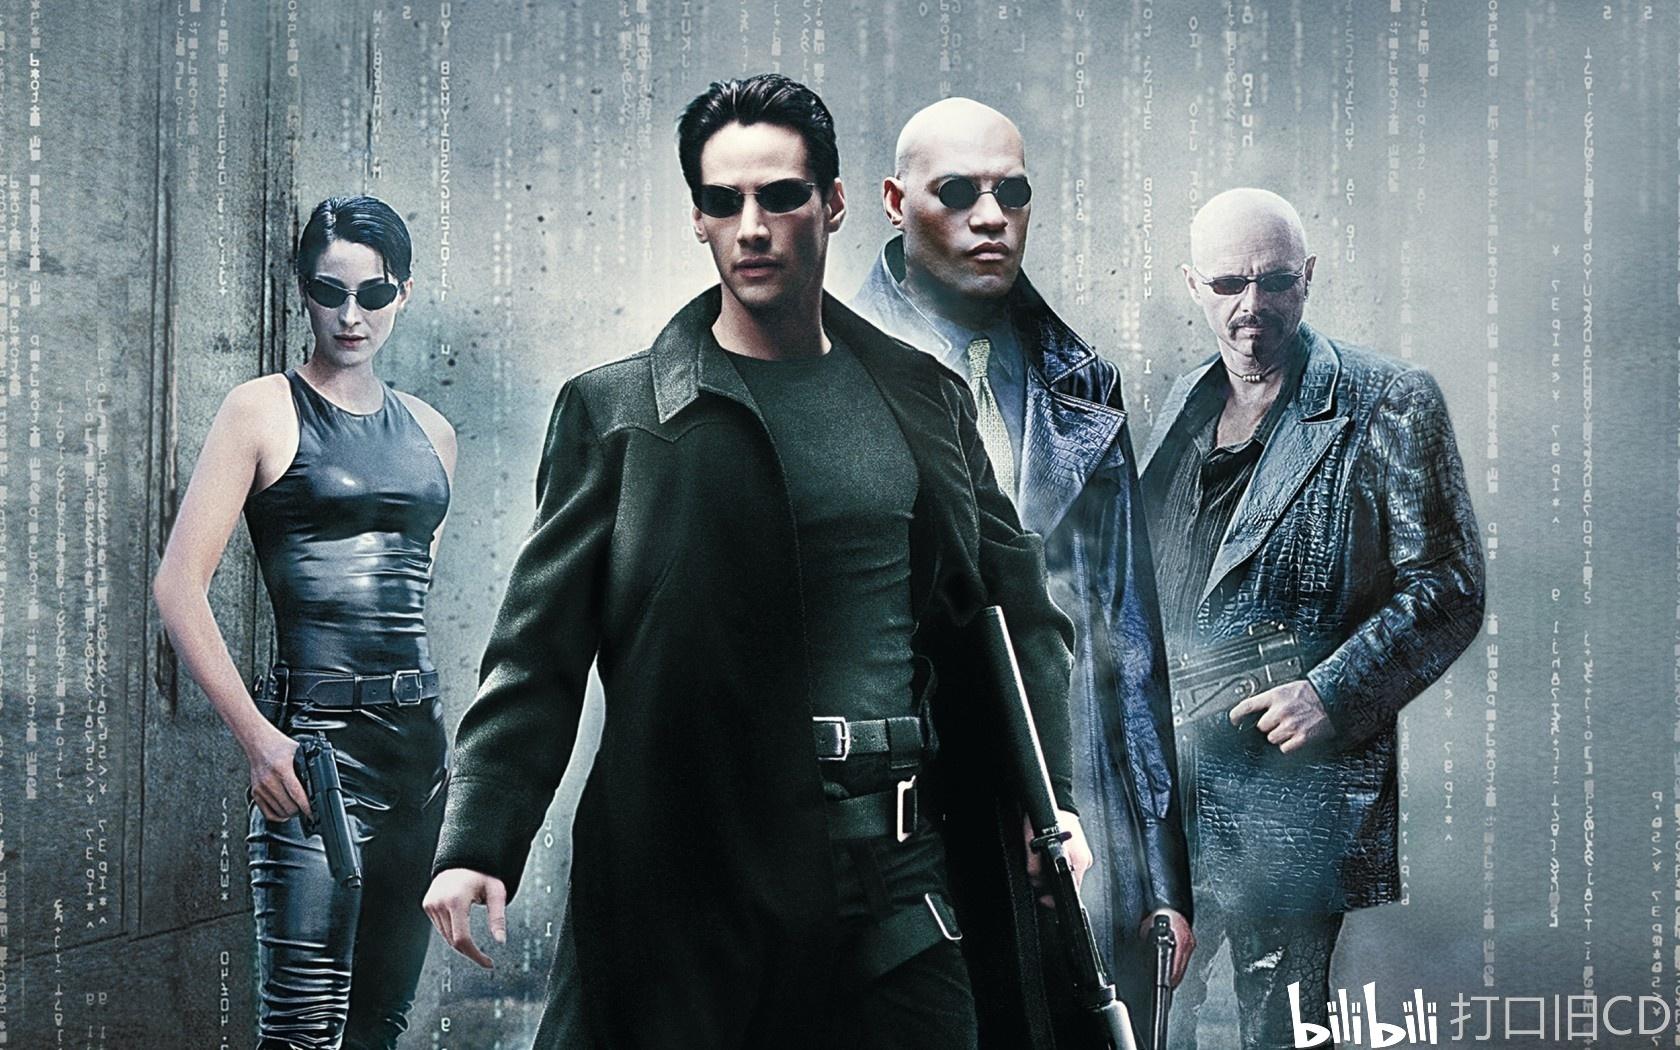 《黑客帝国4:矩阵重生》-电影百度云完整版 百度网盘链接